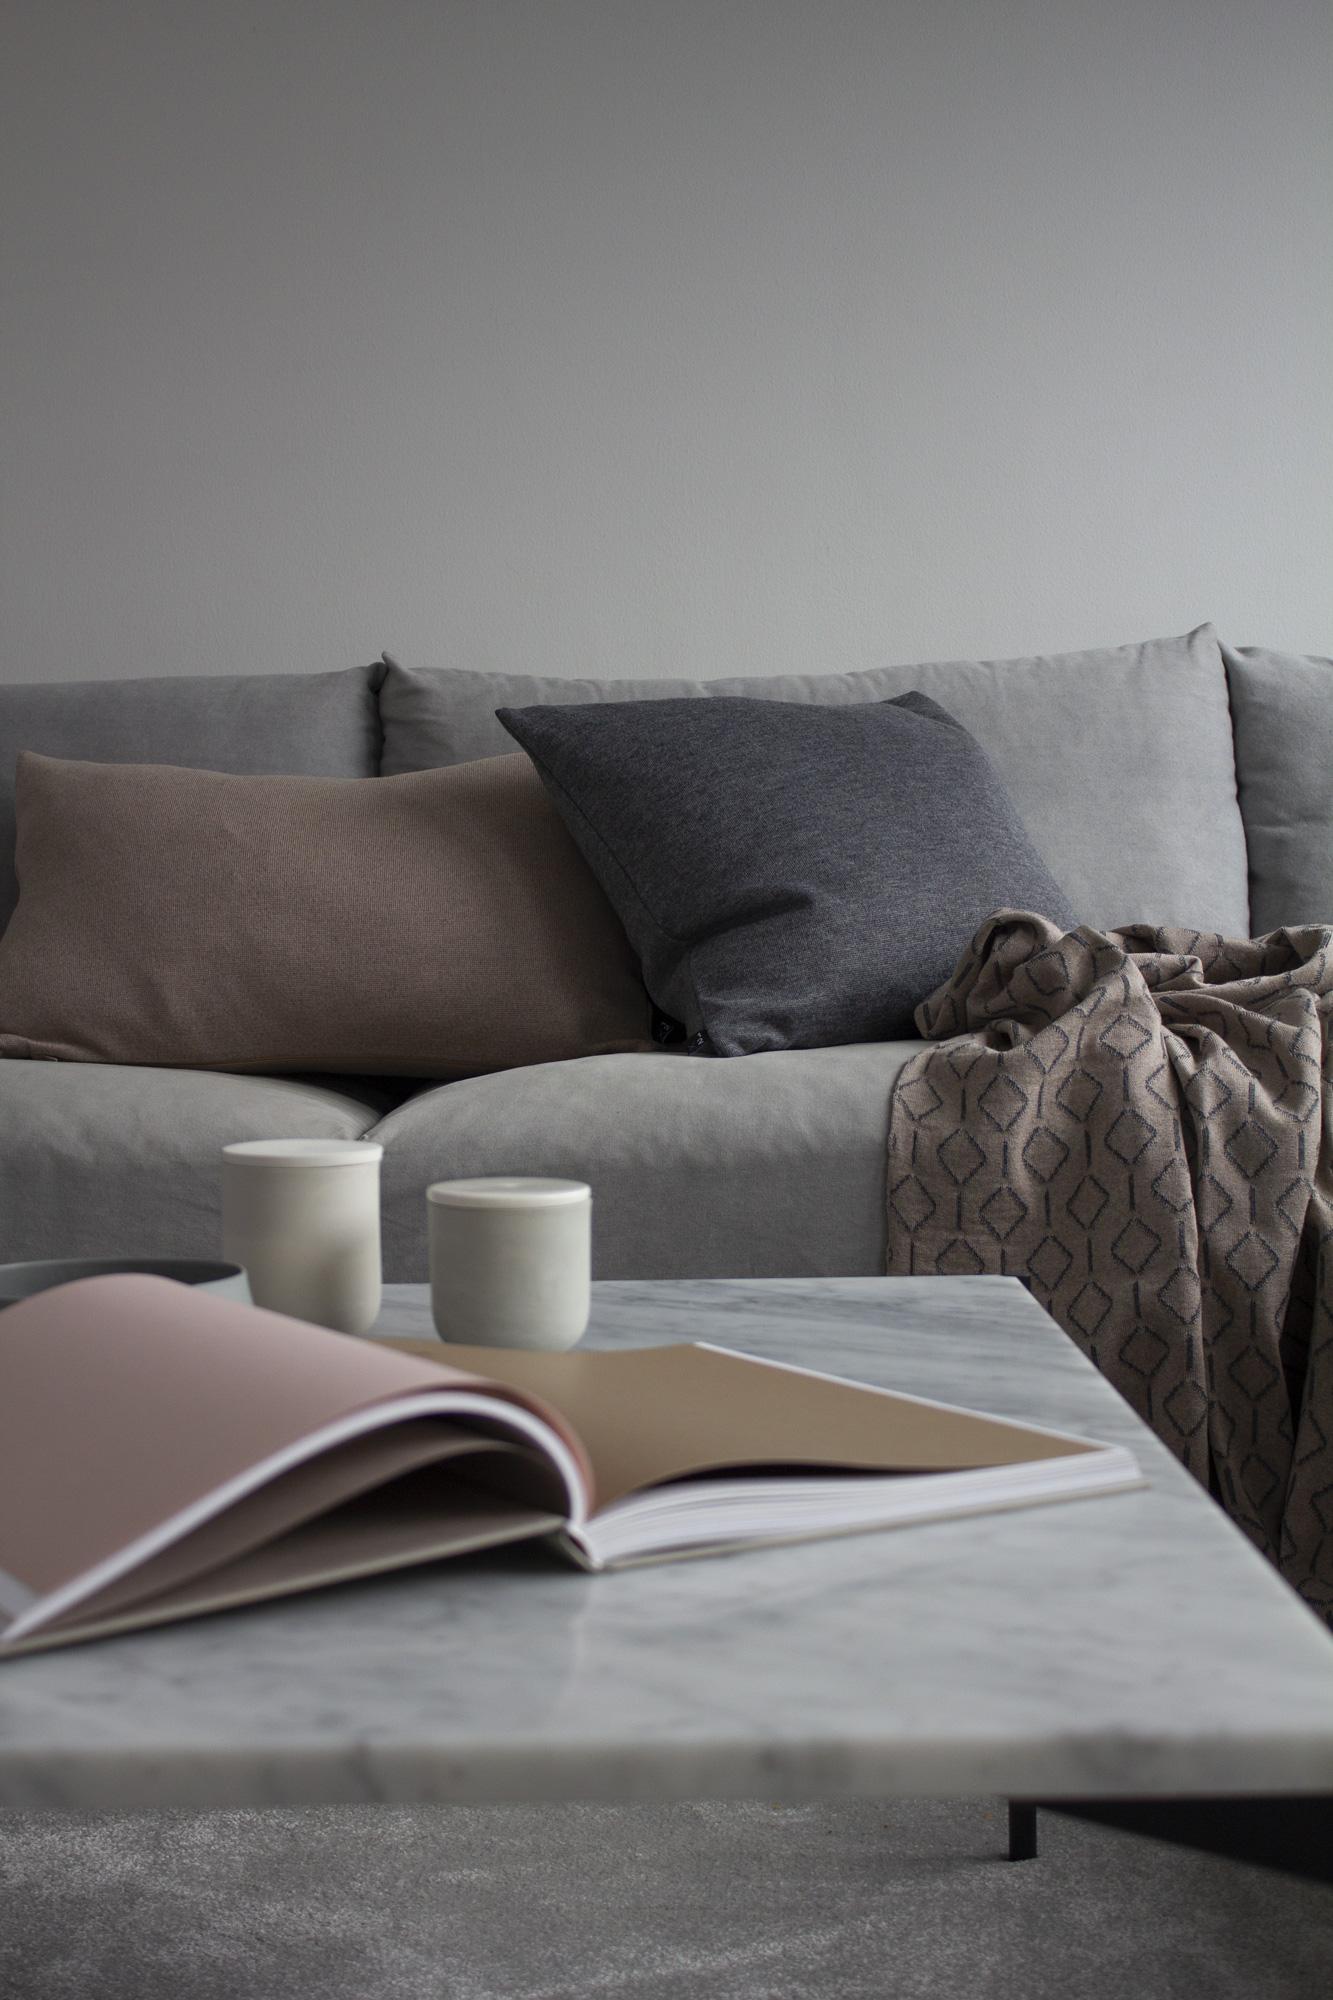 Usva- ja Sumu-tyynynpäälliset ja Rihmat-peite / Usva- and Sumu- cushion covers and Rihmat-blanket